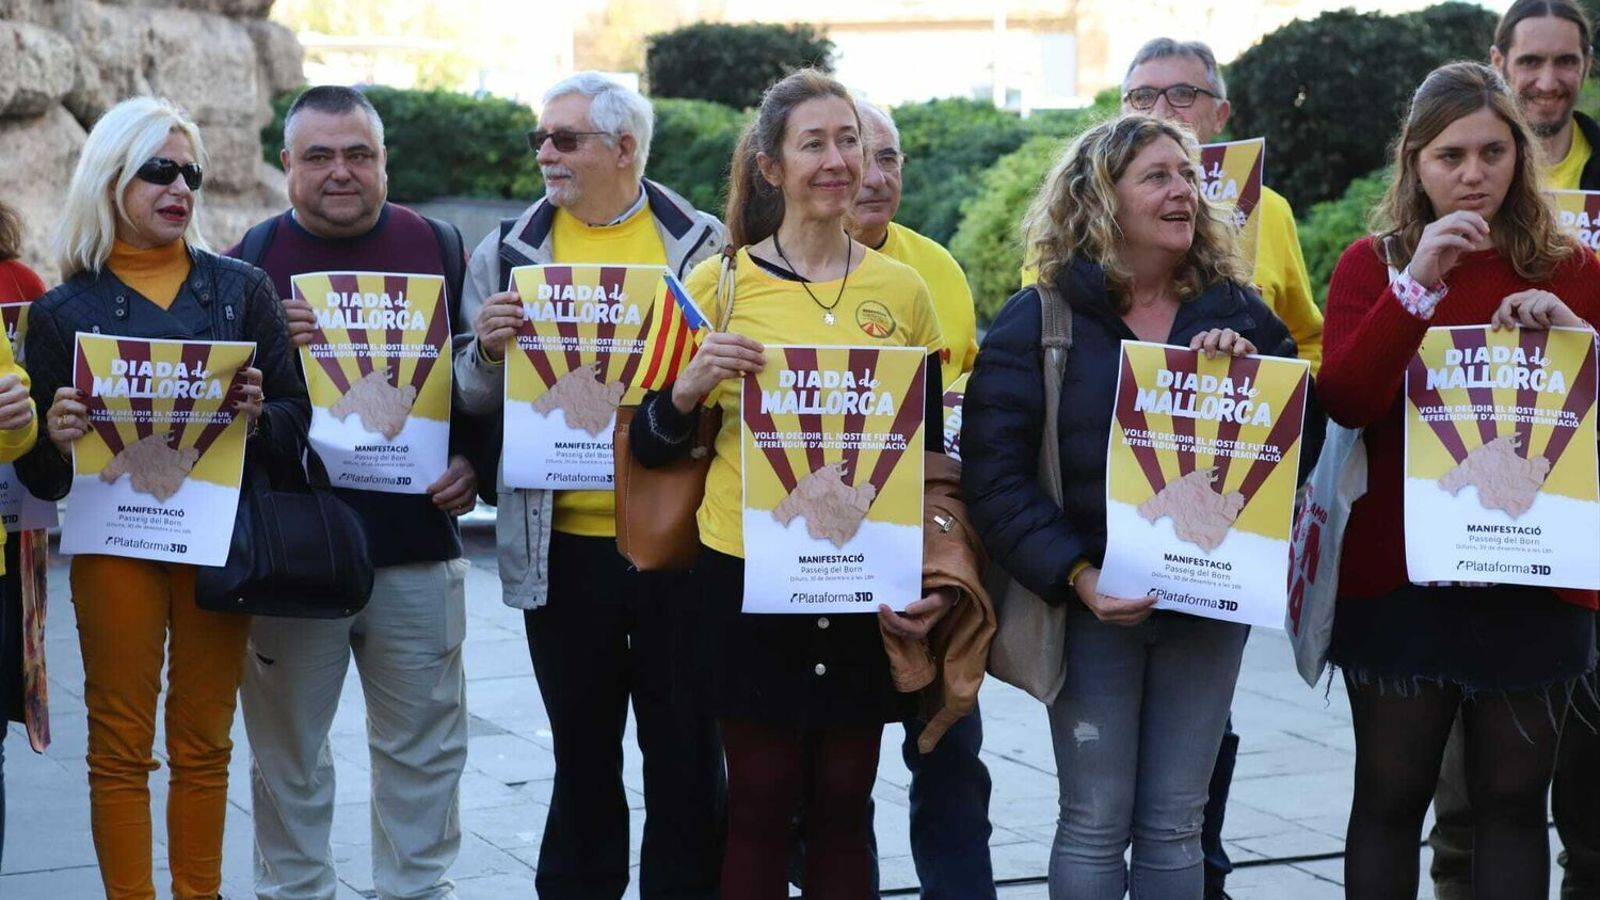 Membres i simpatitzants de l'Assemblea Sobiranista de Mallorca